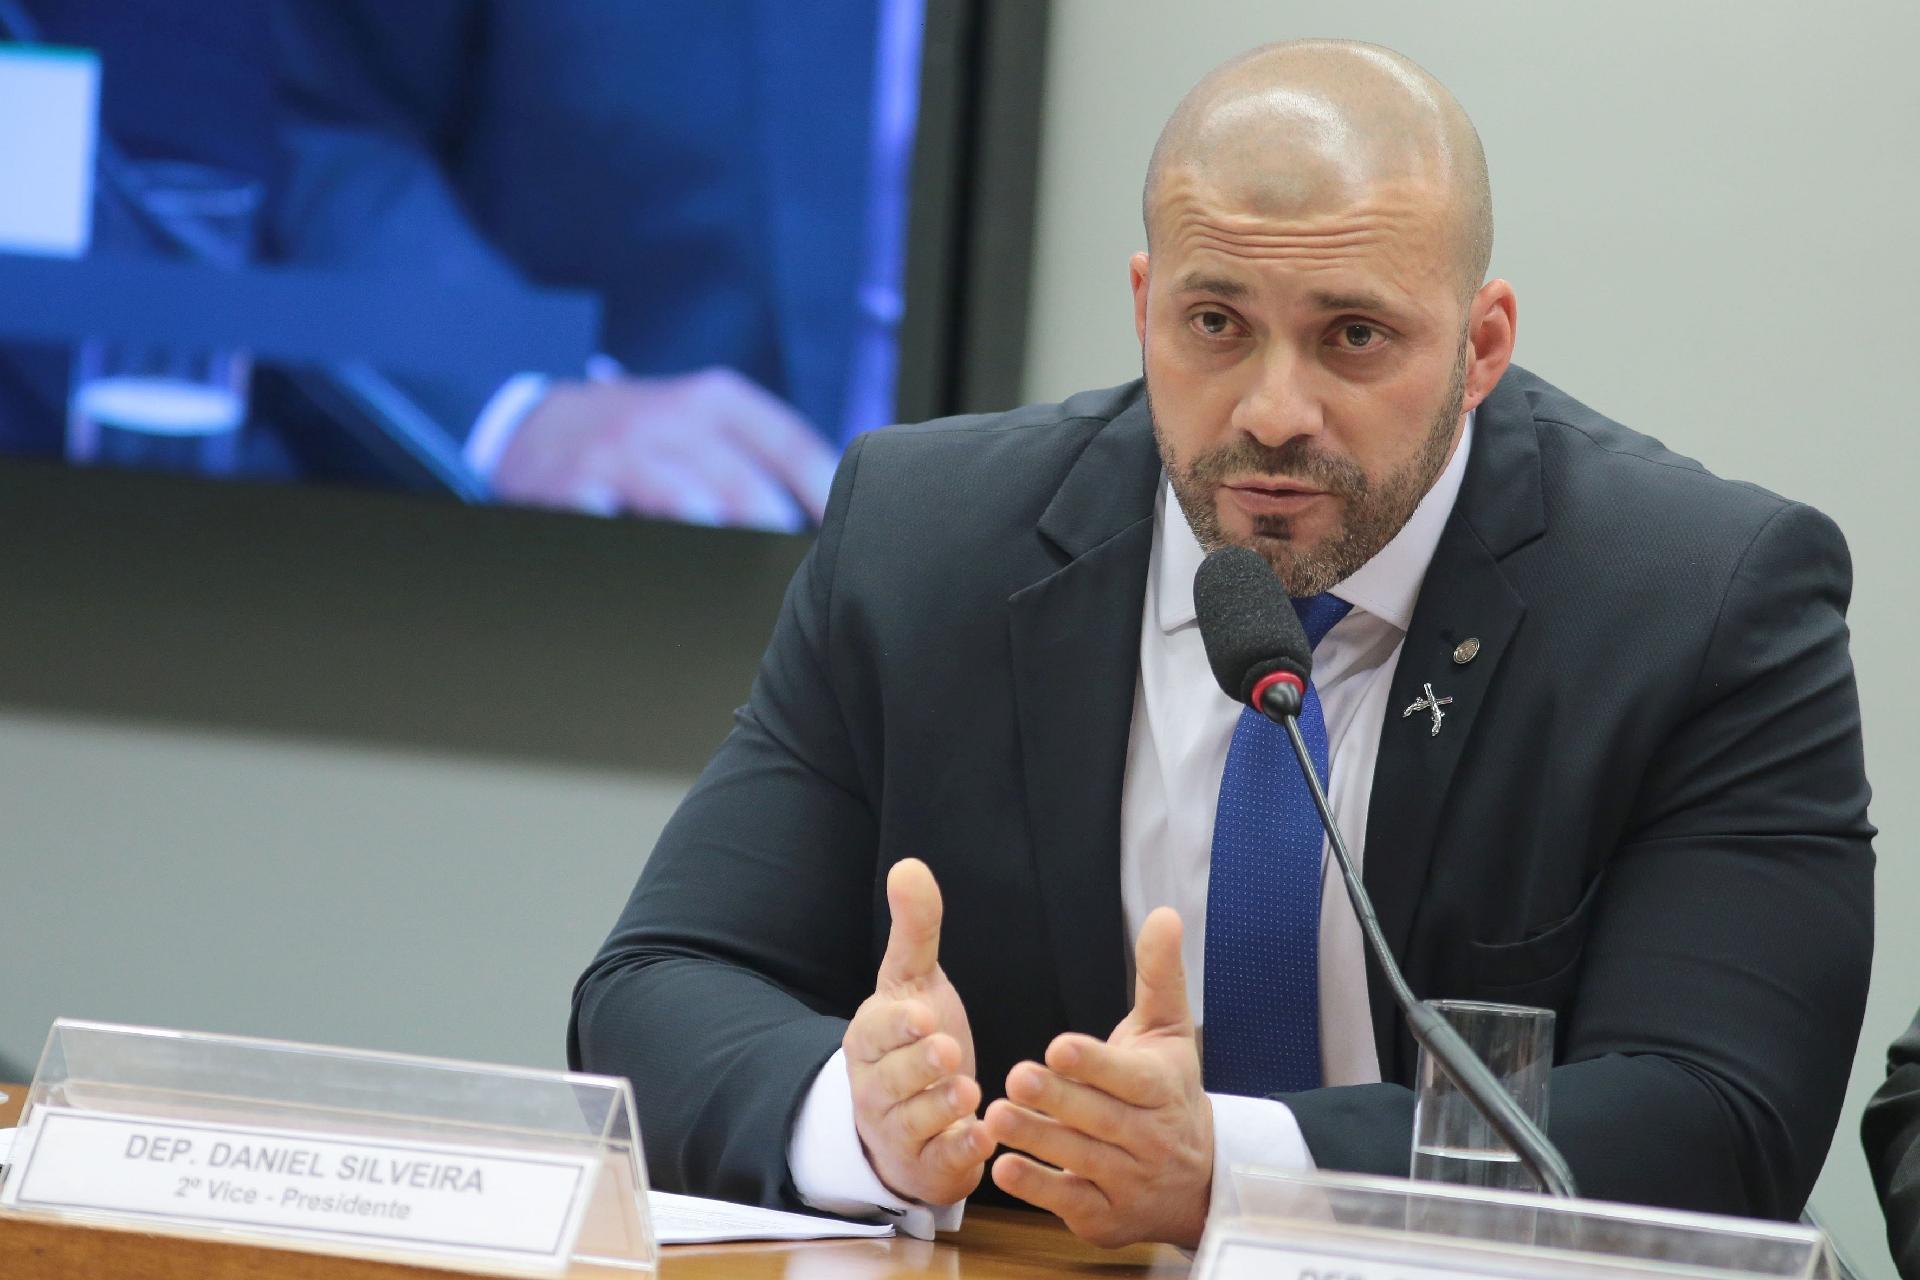 IMAGEM: PGR investiga ligação de Daniel Silveira com empresários bolsonaristas